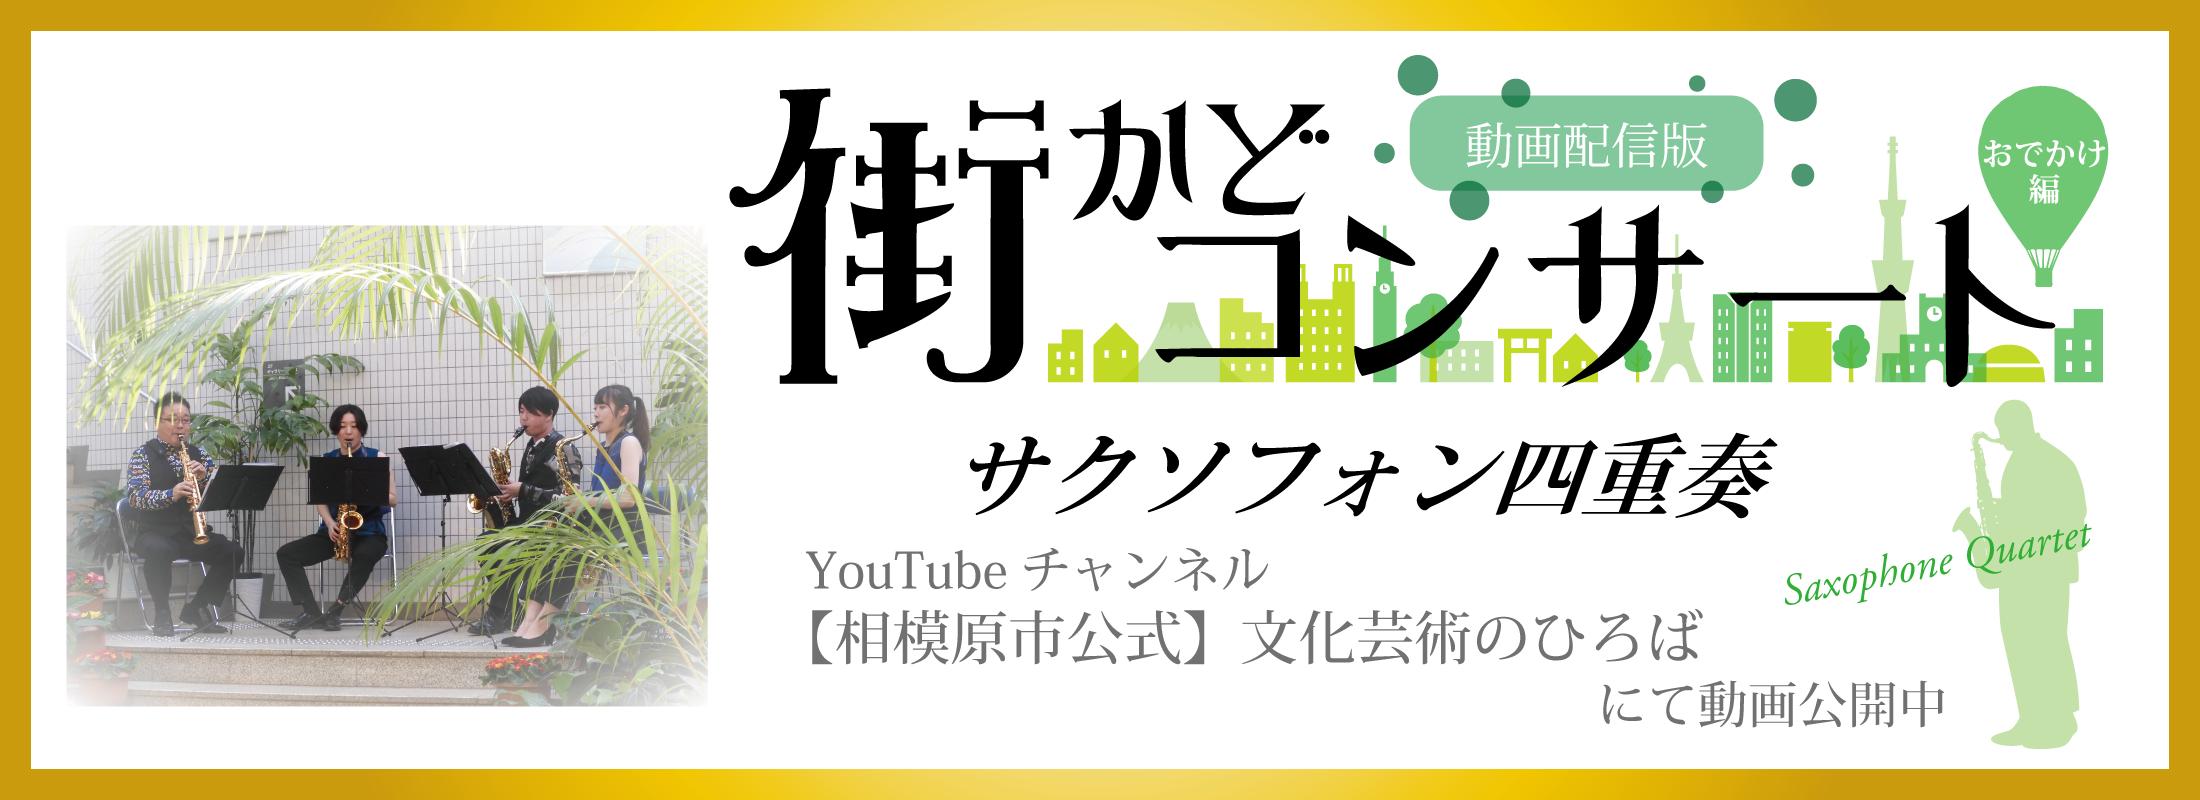 3/15街かどコンサート―おでかけ編―